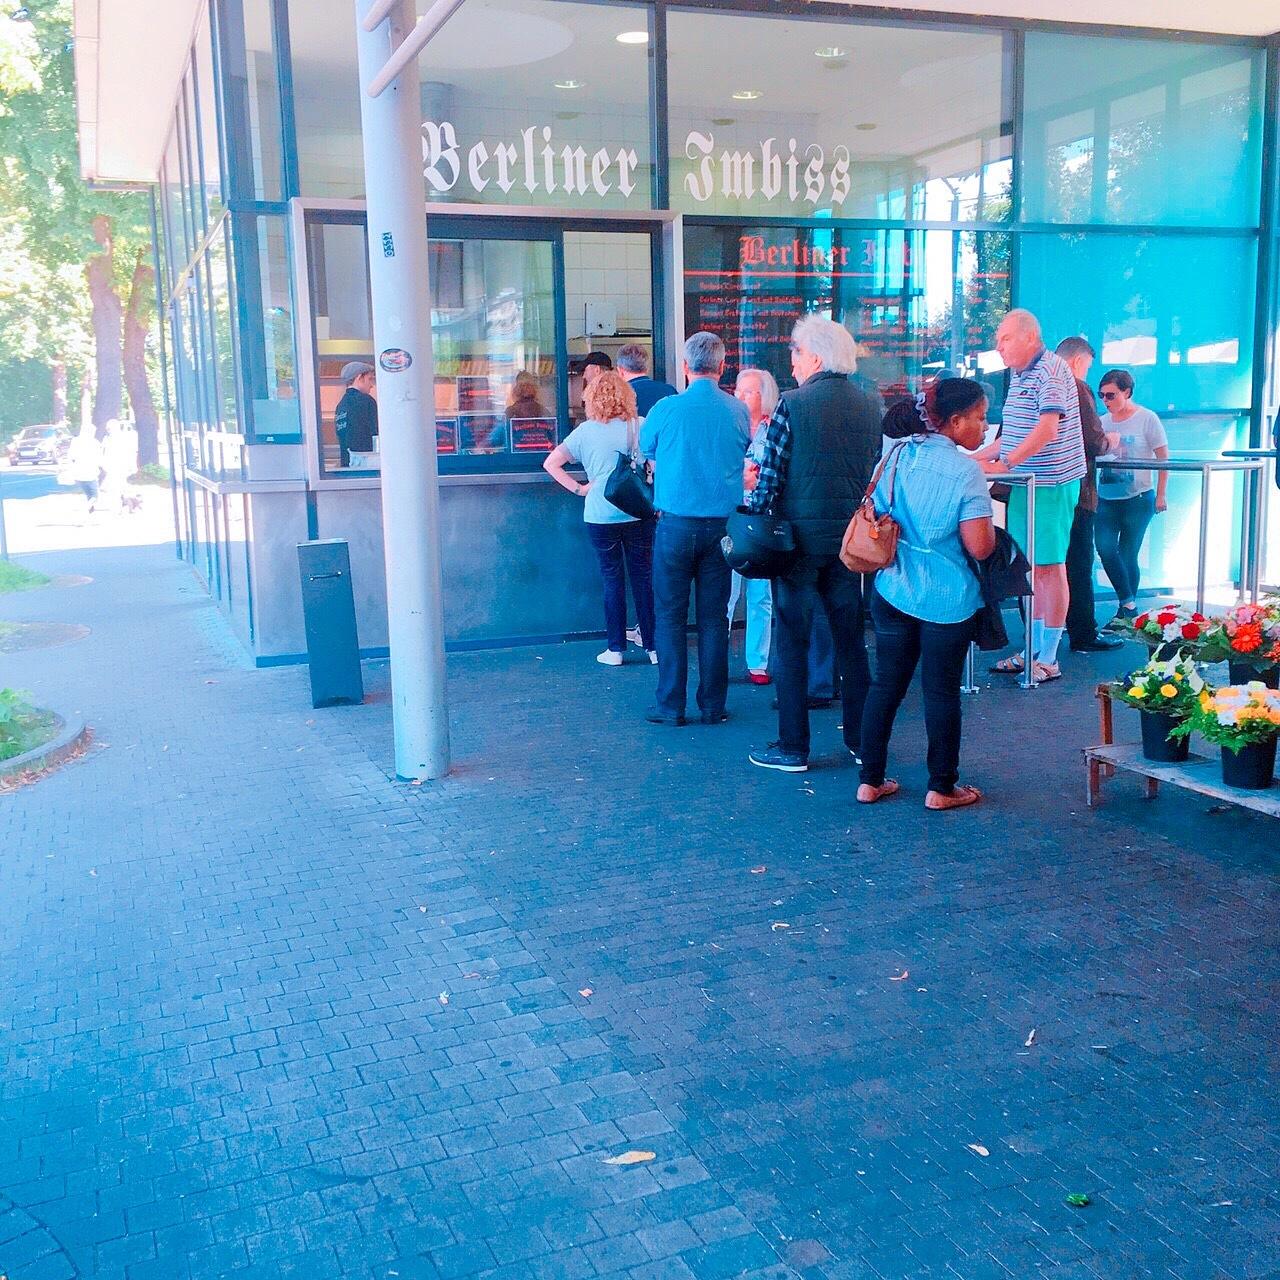 ドイツ -帰国子女が教えるマル秘スポット【デュッセルドルフ】の街を歩く-_1_3-1